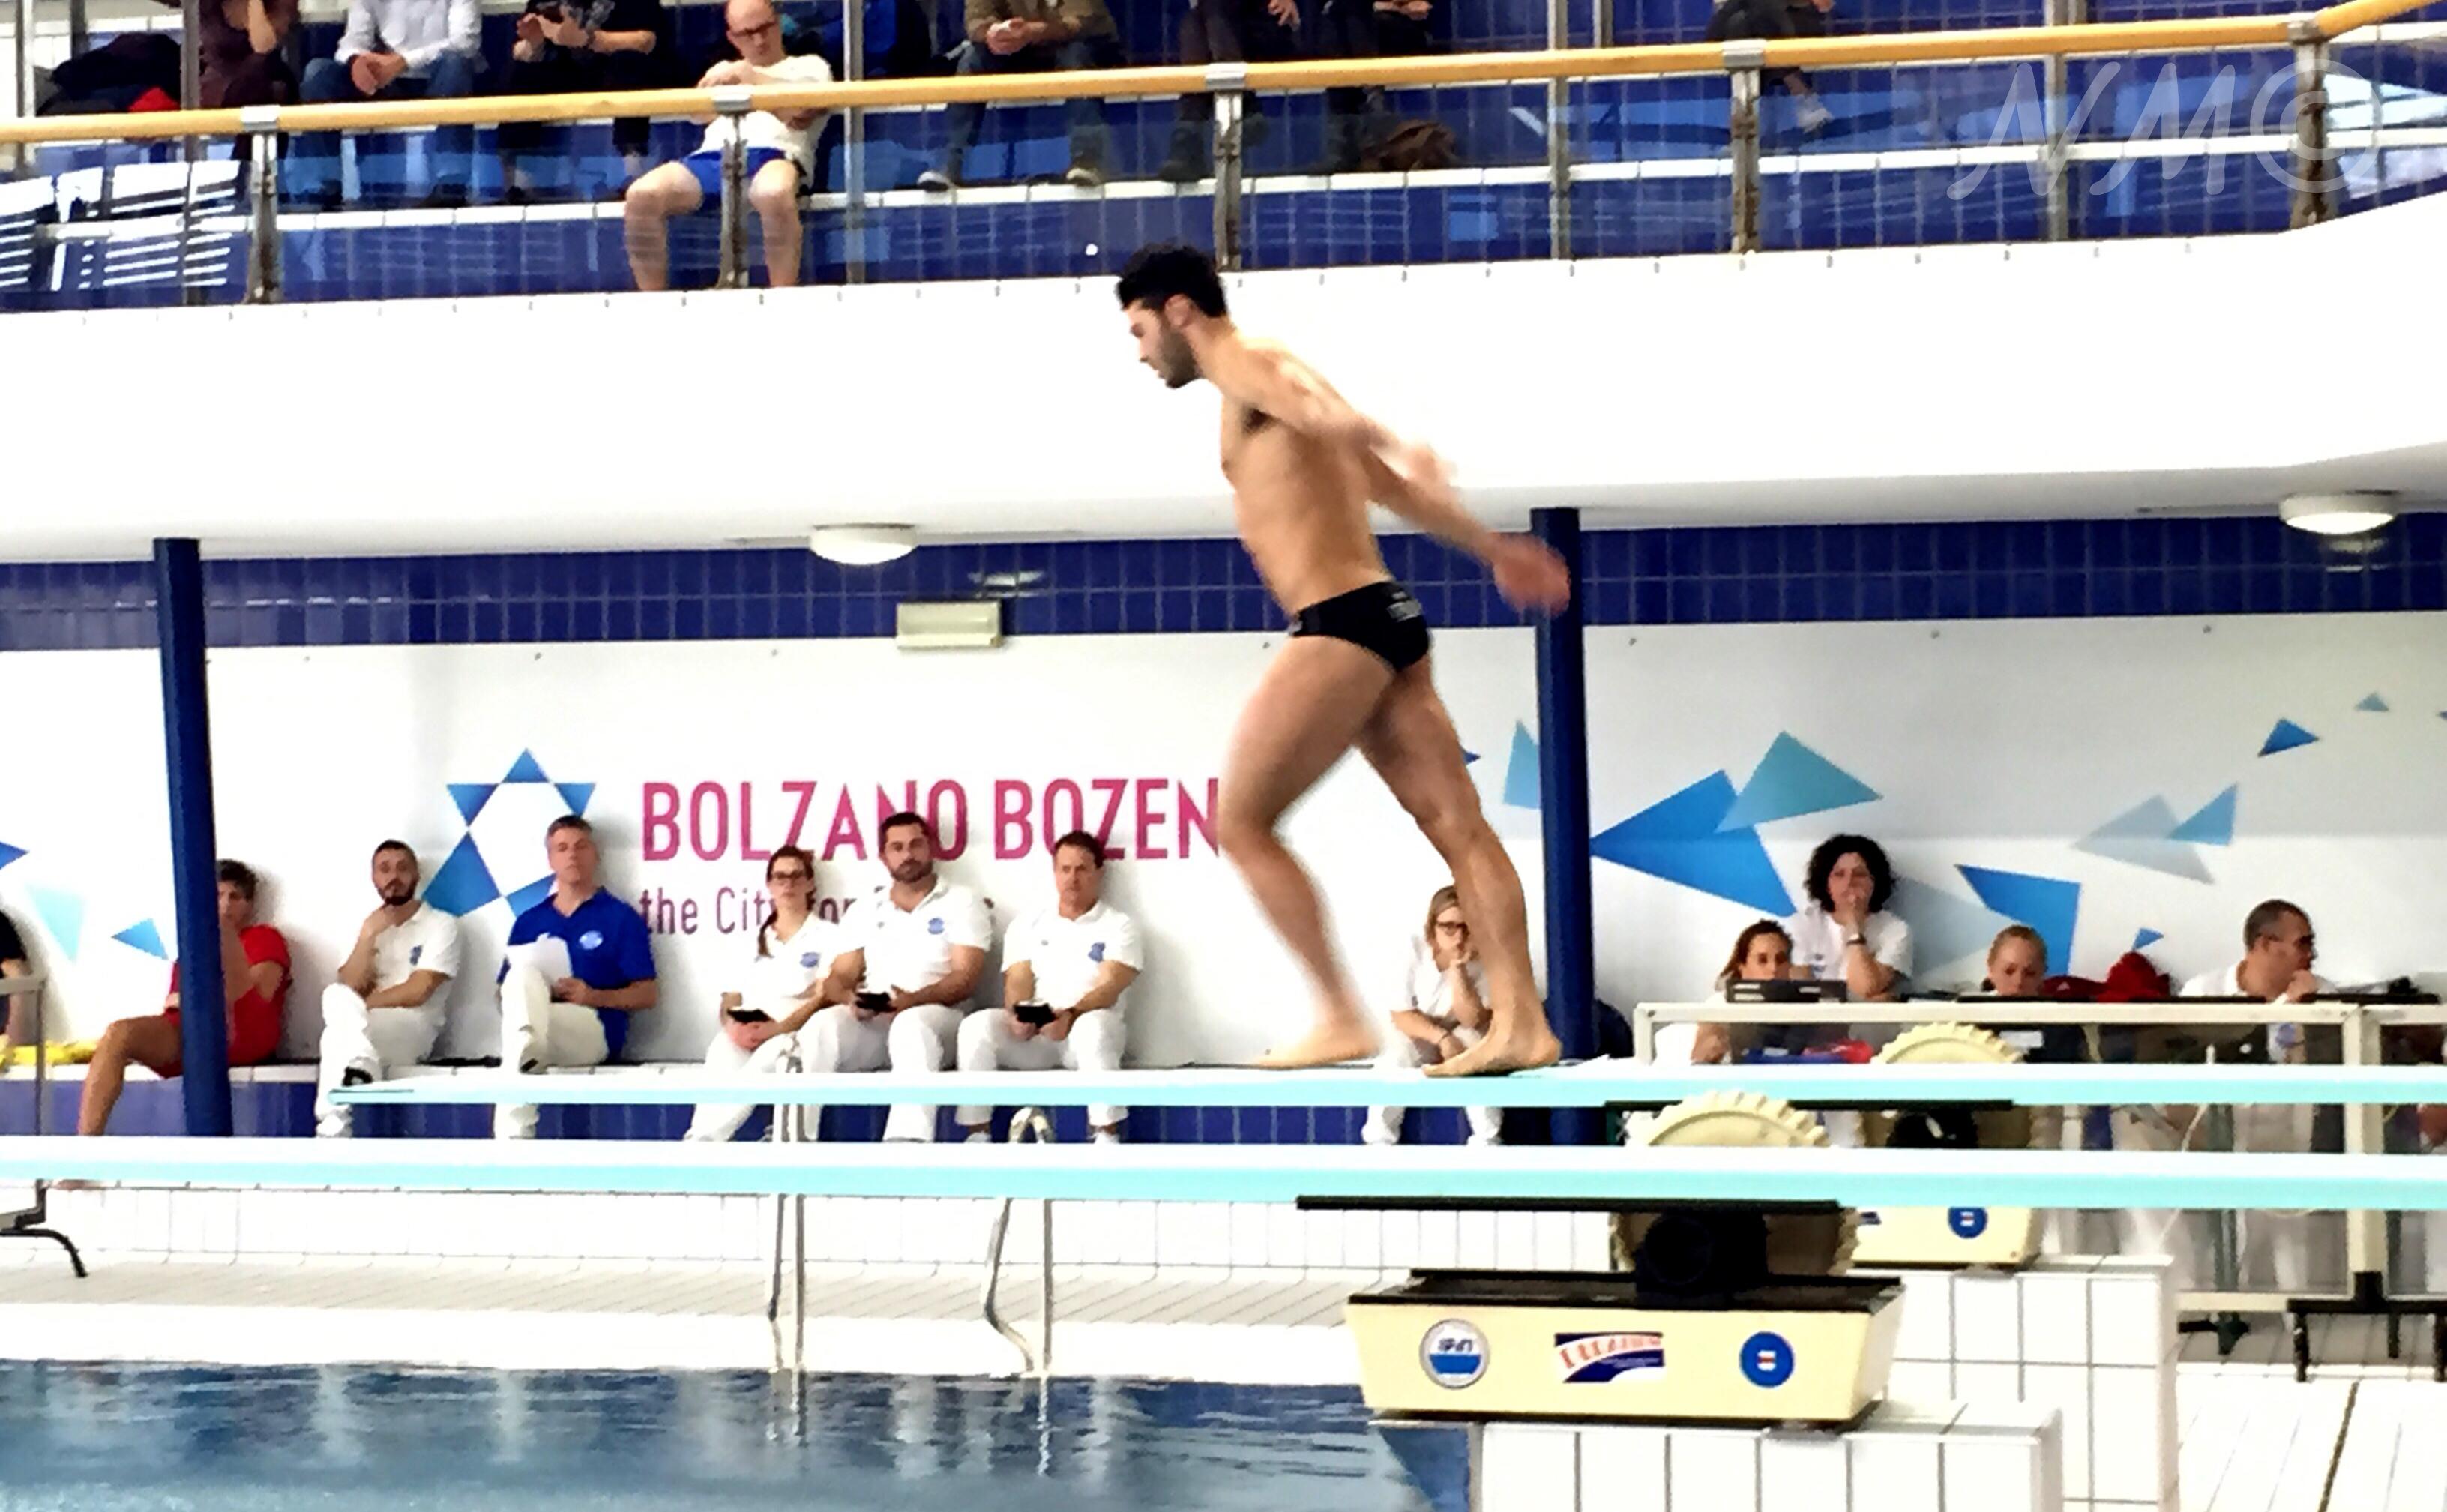 Coppa Rio Bolzano 2015 031